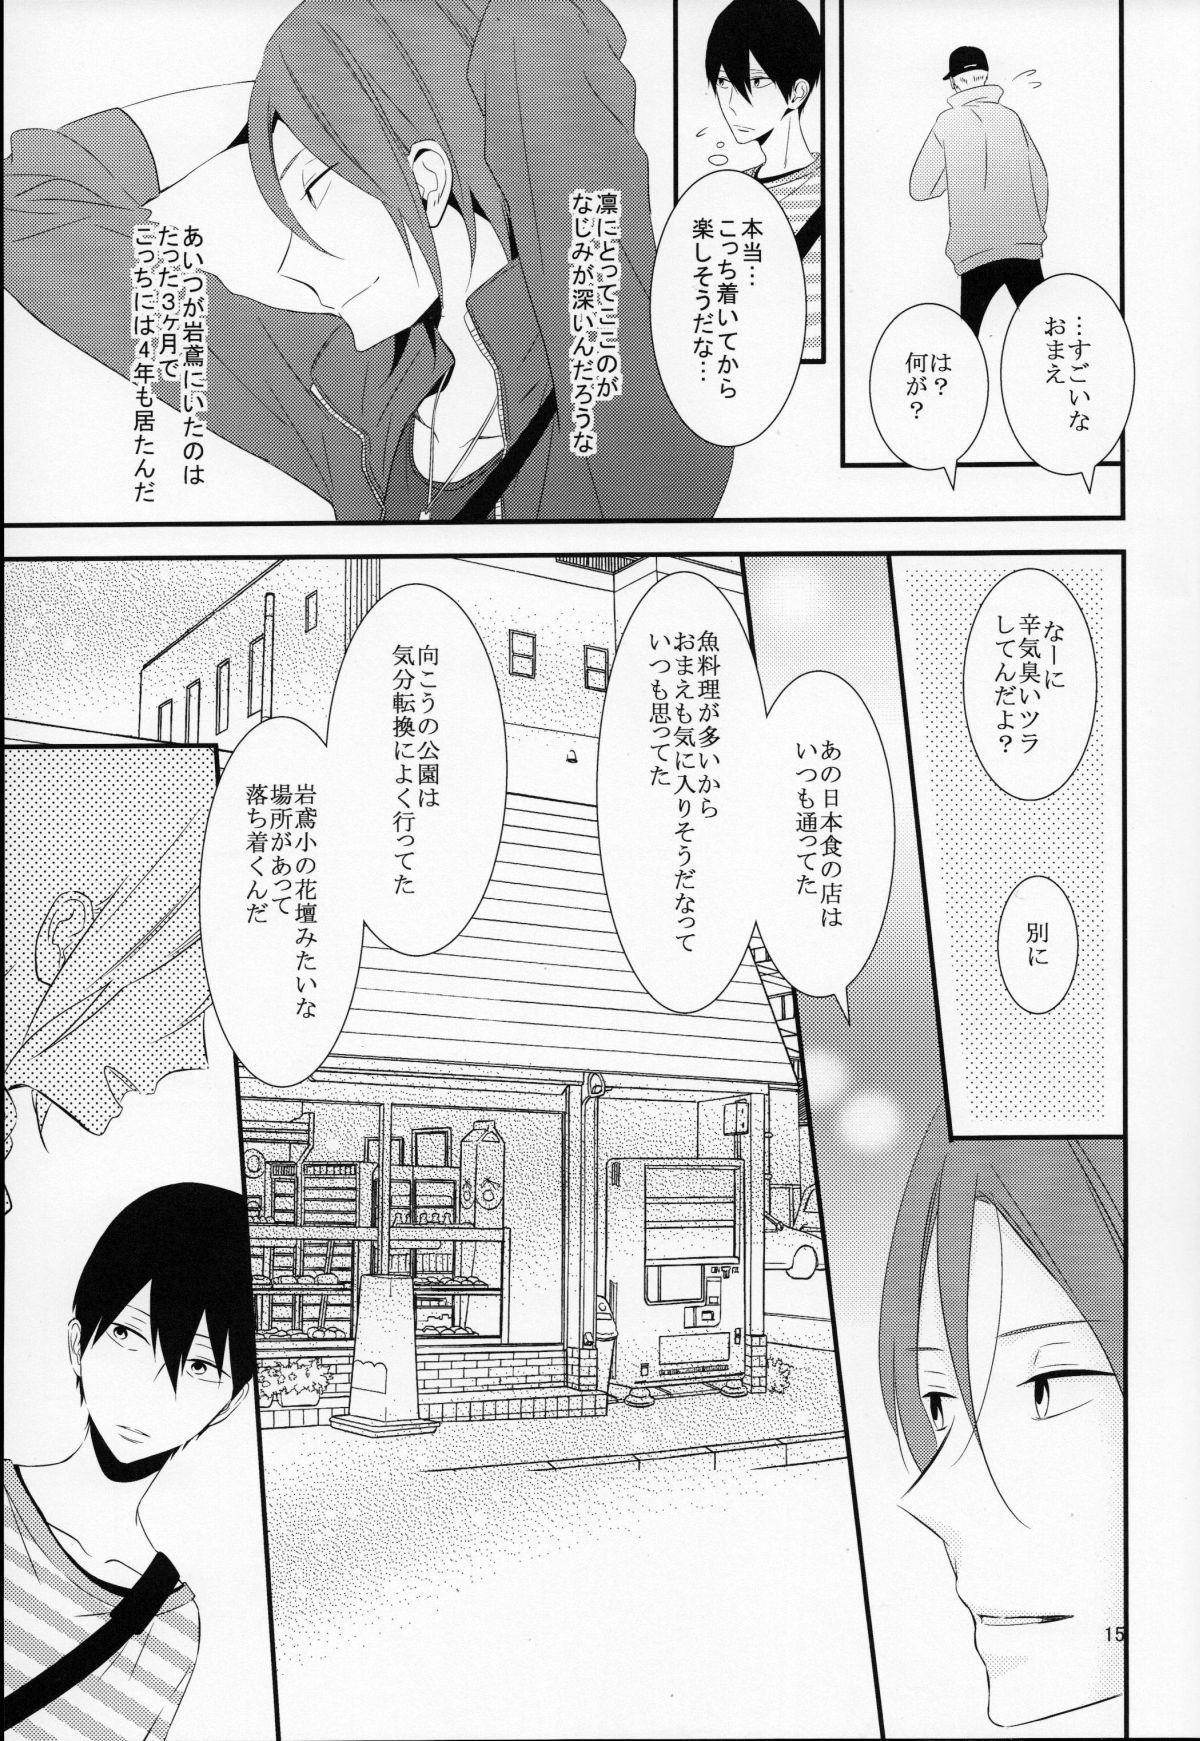 Sayonara, Bokura no Hatsukoi 15